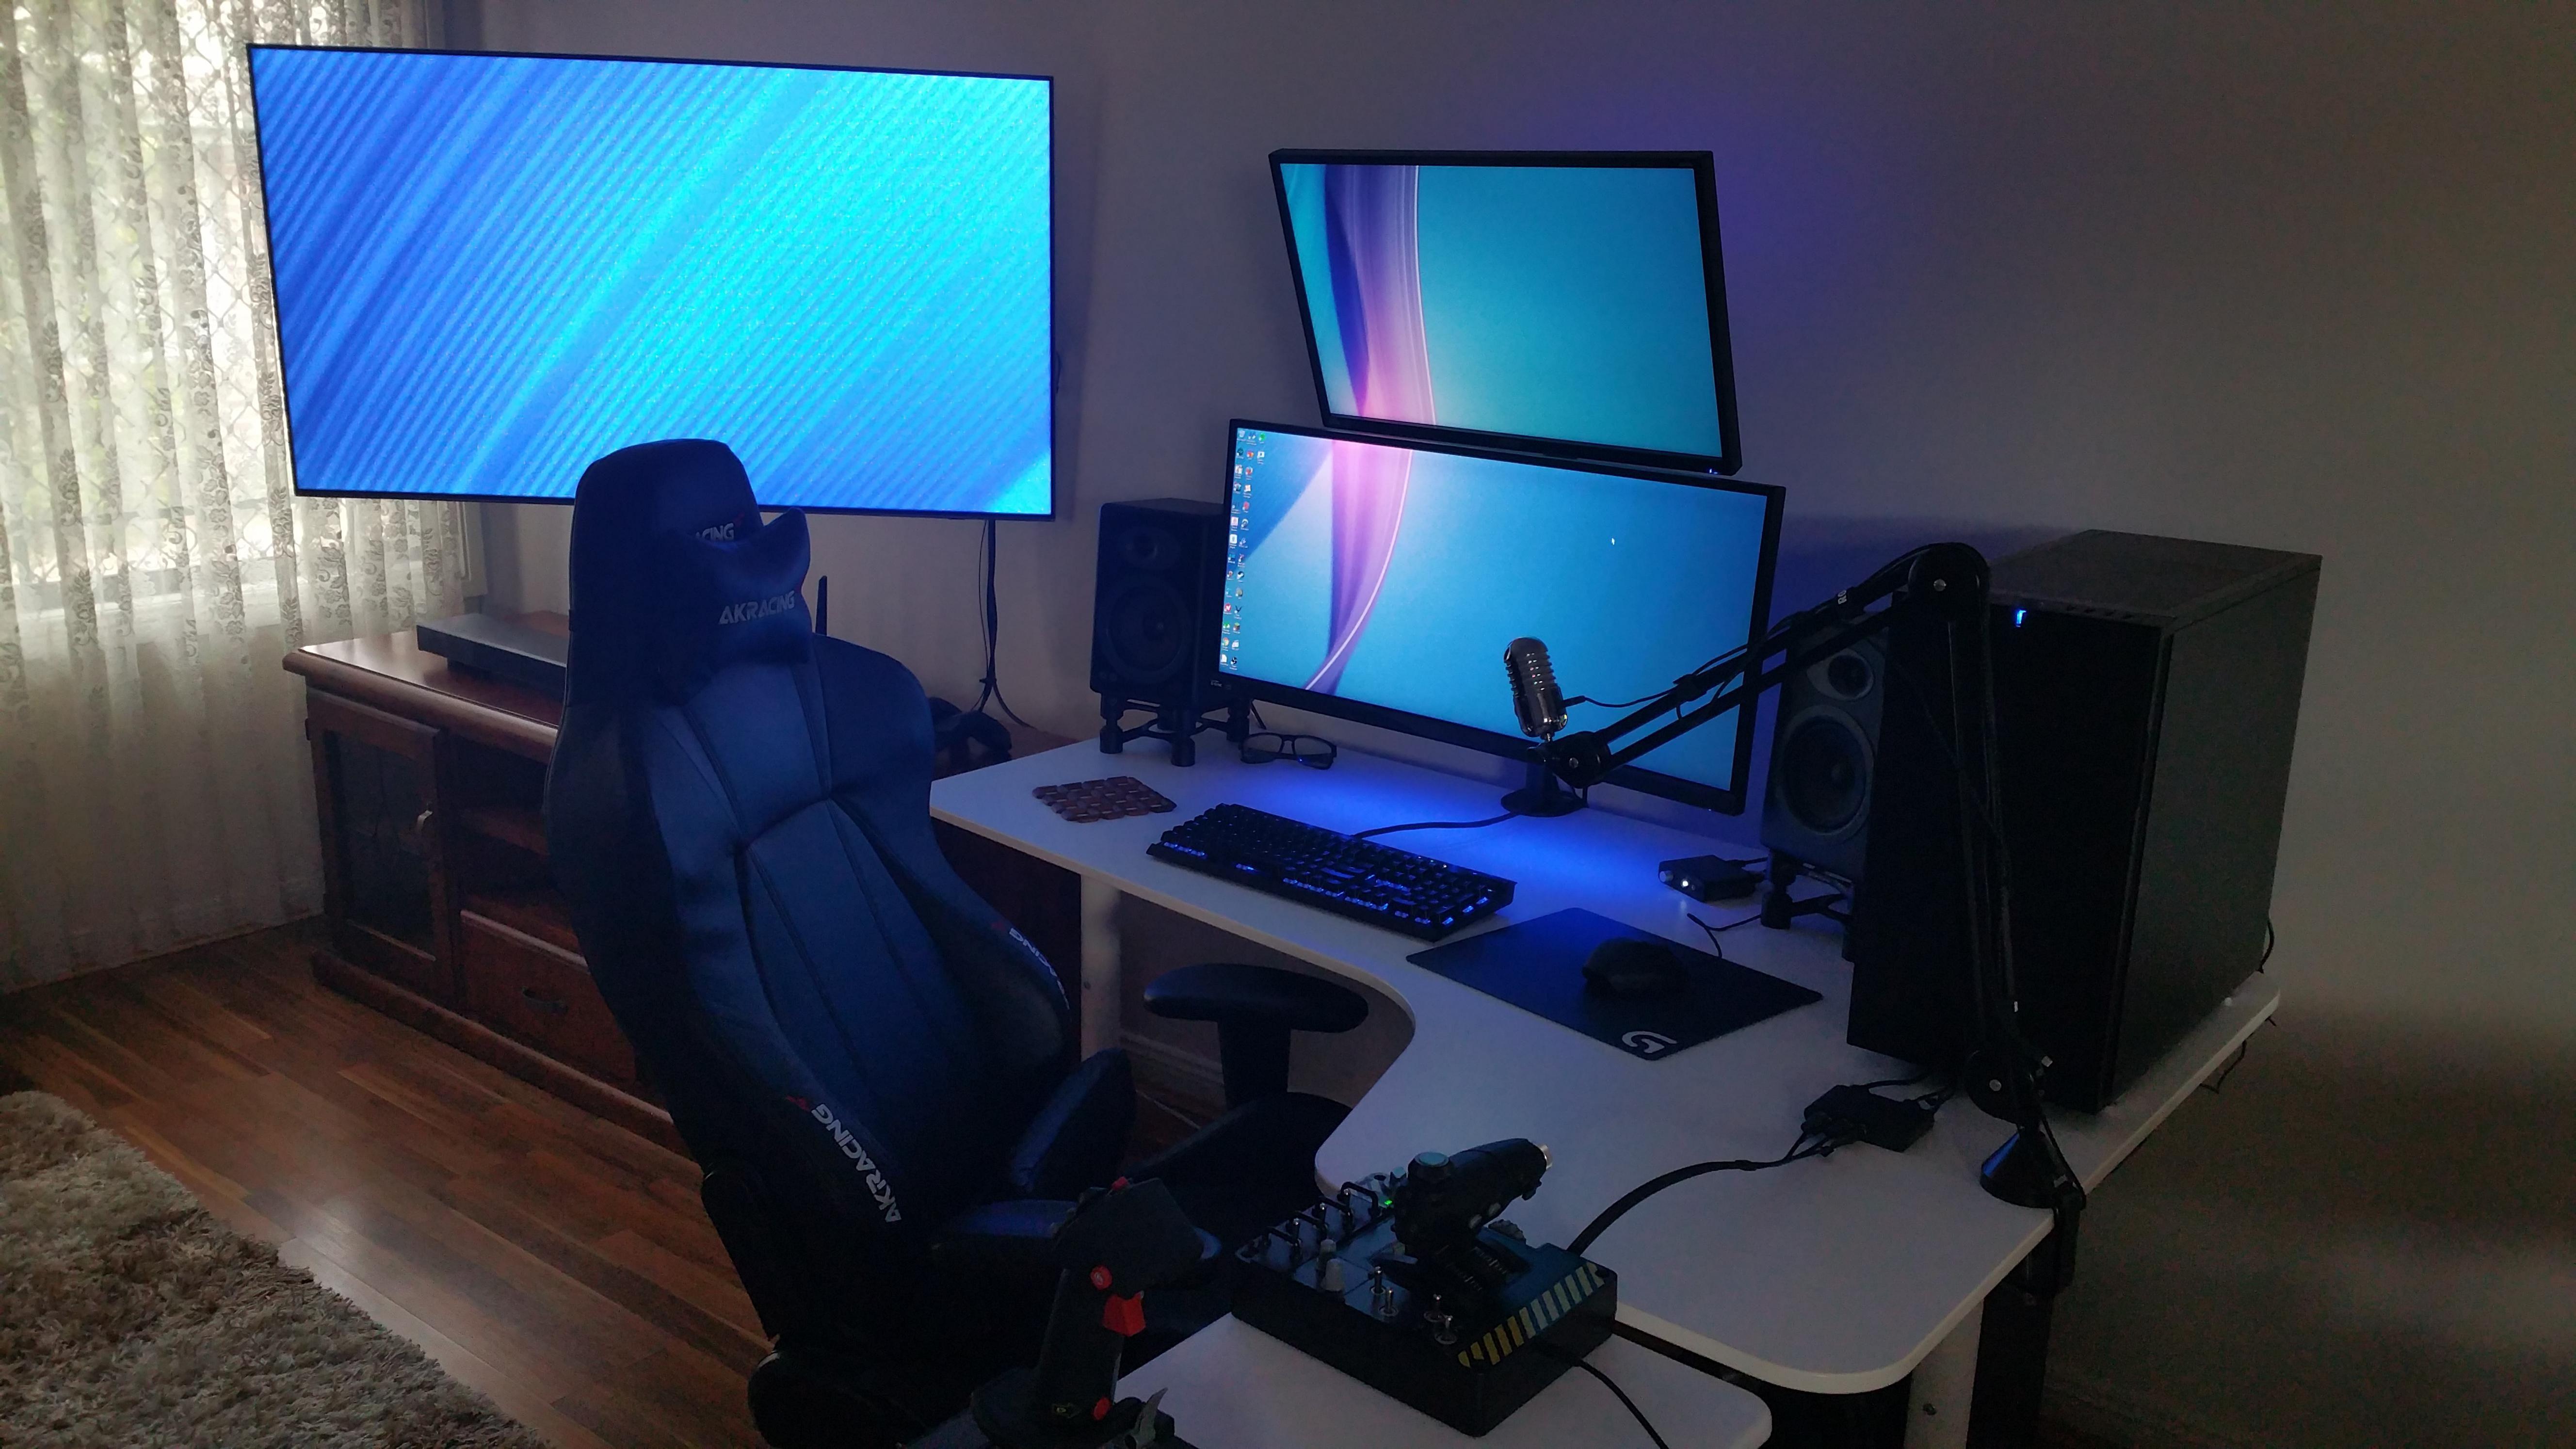 Tv Is Now Third Display To My Updated Living Room Battlestation Battlestation Computer Desk Setup Computer Setup